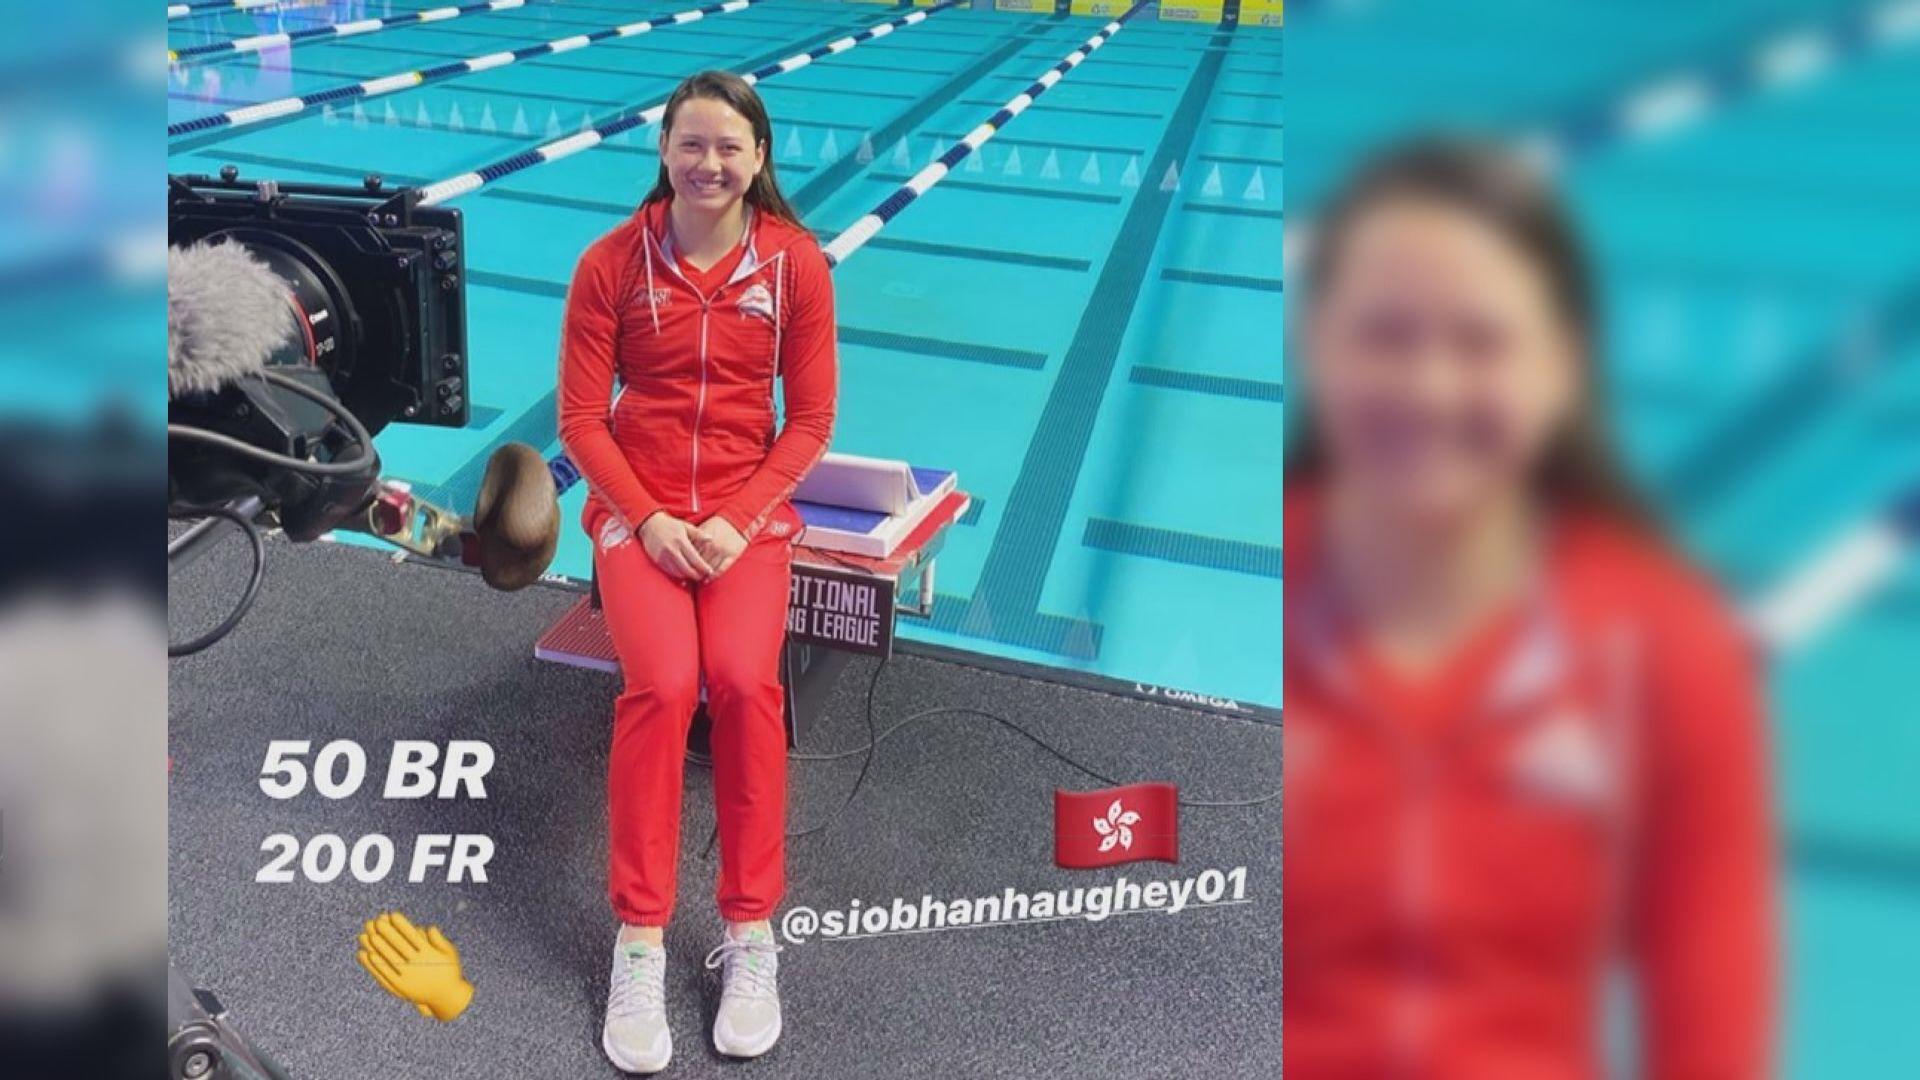 國際游泳聯賽 何詩蓓破兩項亞洲紀錄